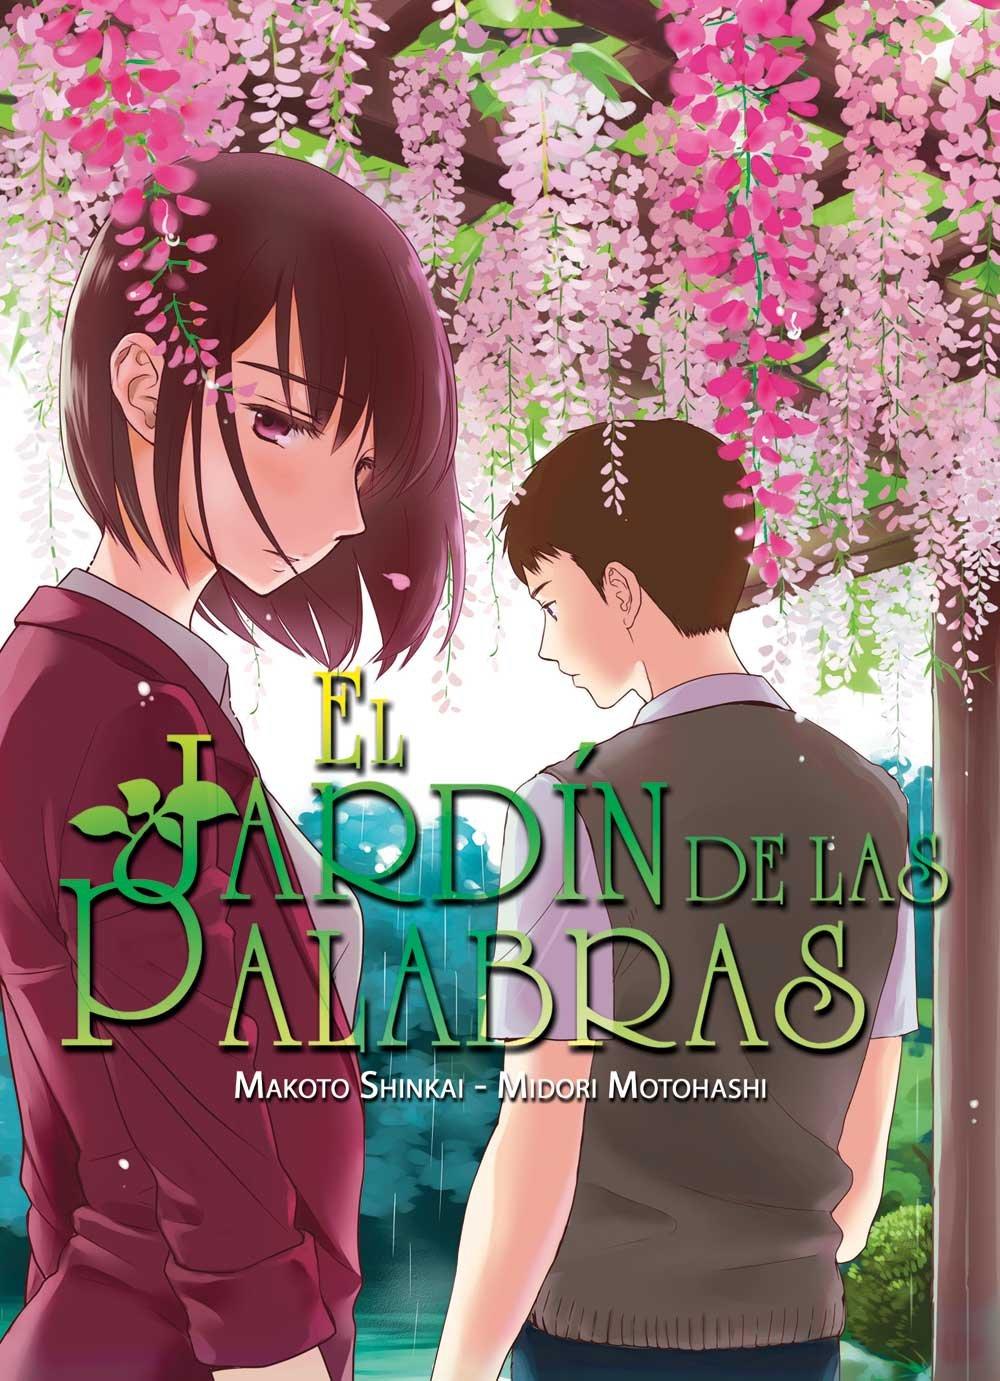 El jardín de las palabras: Amazon.es: Shinkai, Makoto, Motohashi, Midori, Bernabé Costa, Marc: Libros